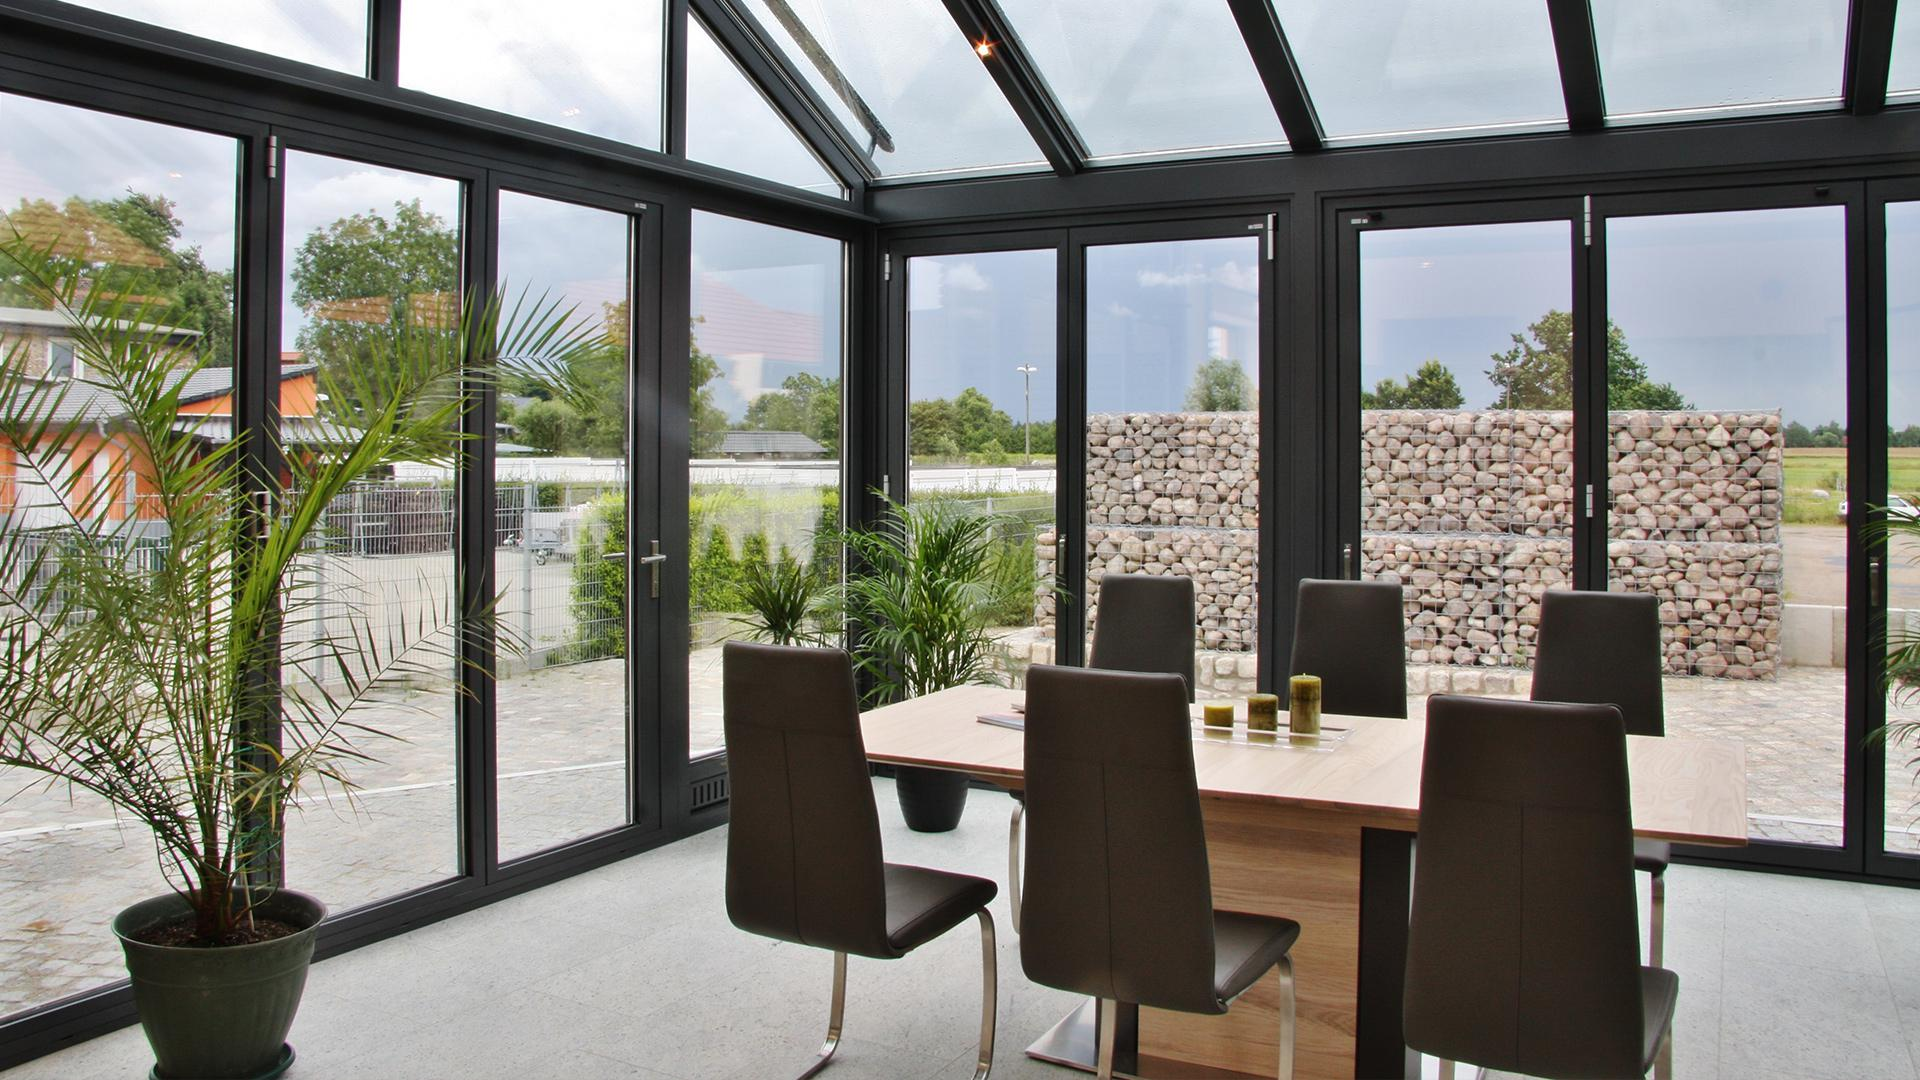 grauer Wintergarten mit Esstisch mit Blick in einen modernen Garten